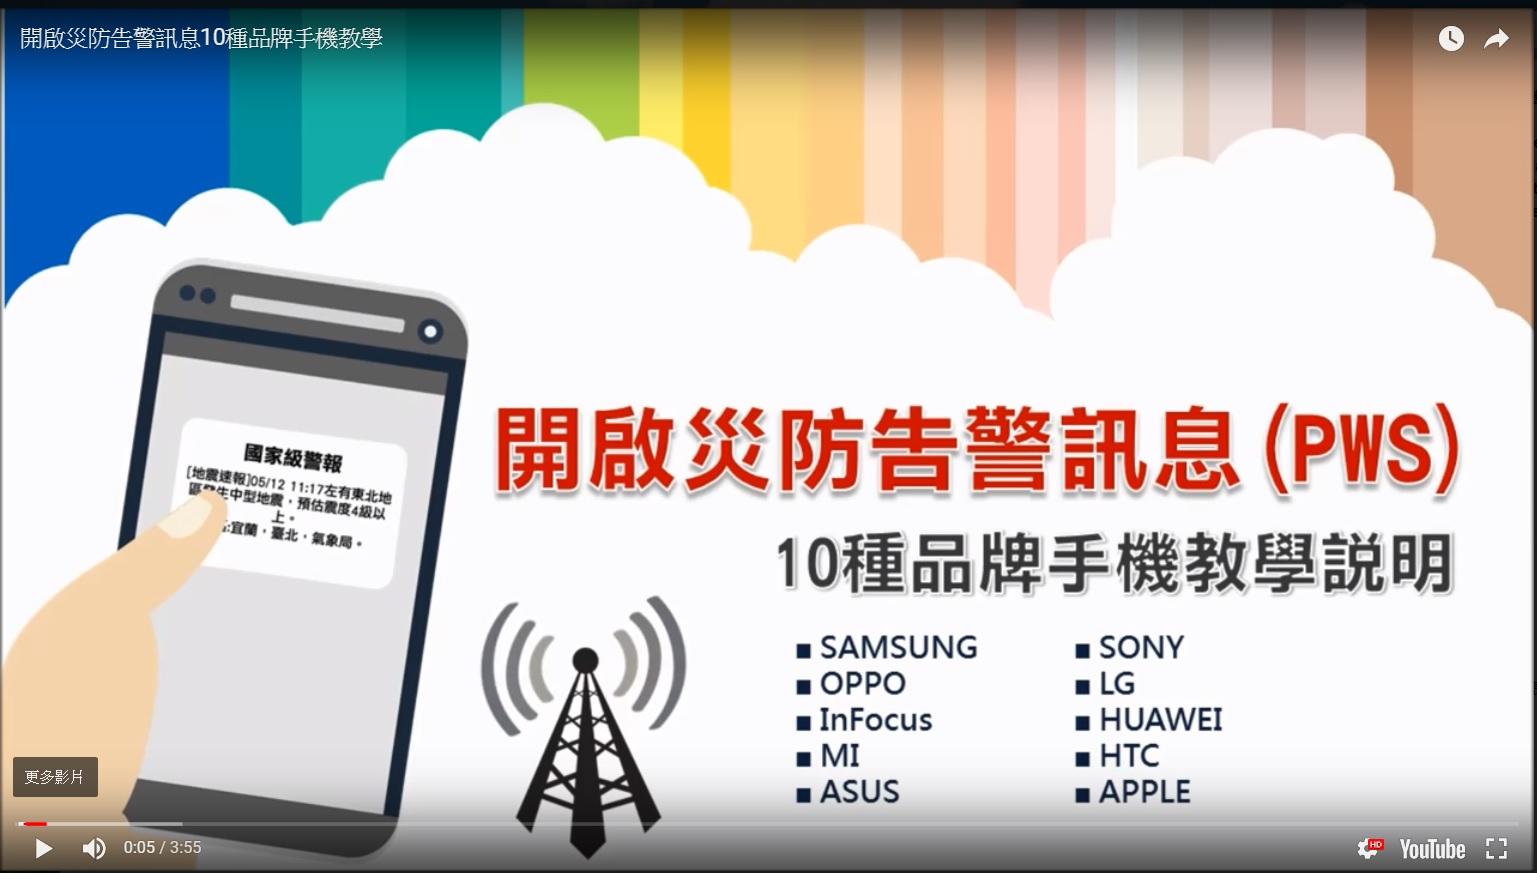 圖片擷取自中華電信之「開啟災防告警訊息(PWS)」youtube網站。